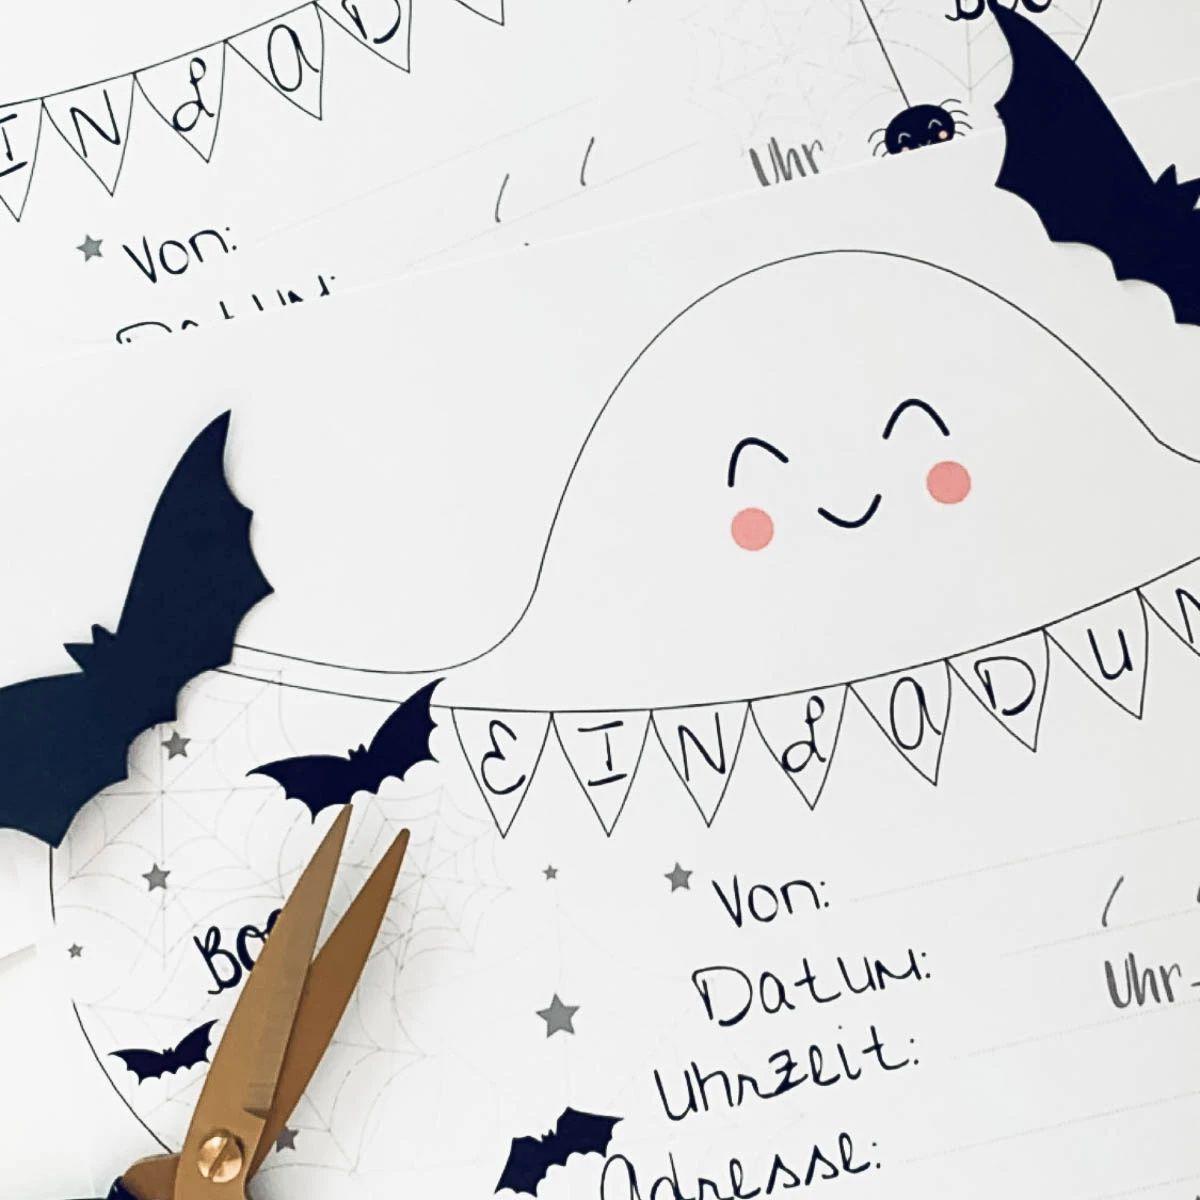 Vorlage Fur Eine Halloween Einladung Fur Kinder In 2020 Halloween Einladung Halloween Anhanger Halloween Feiern Mit Kindern